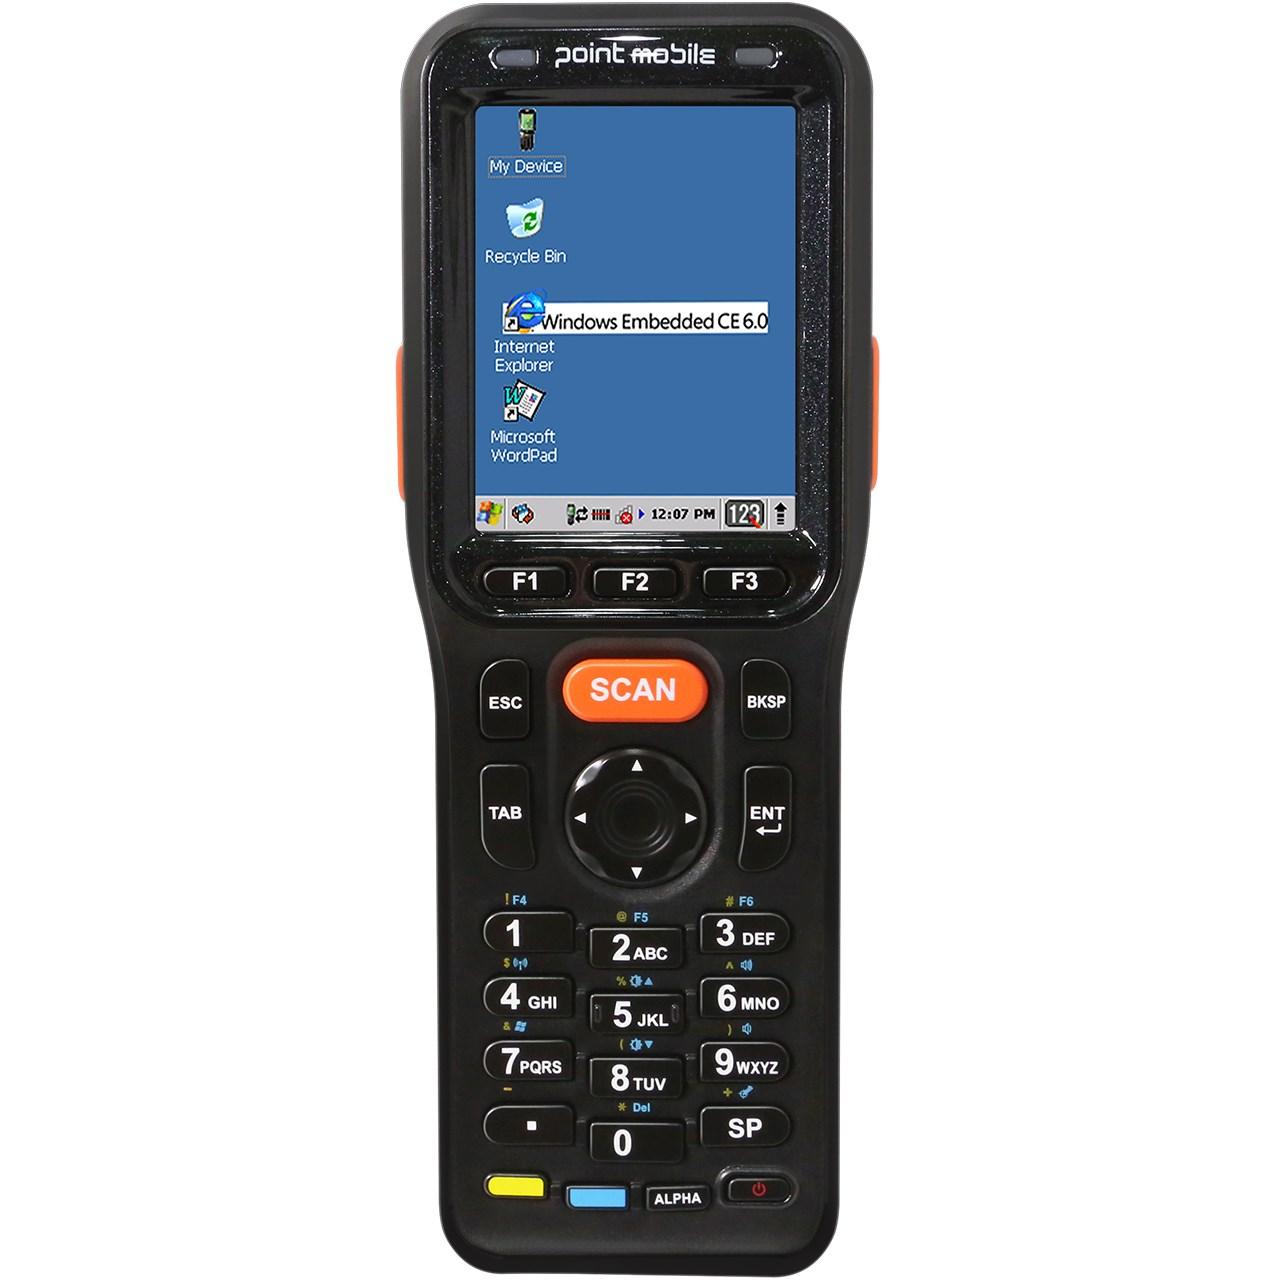 دیتاکالکتور دو بعدی پوینت موبایل مدل PM200-B